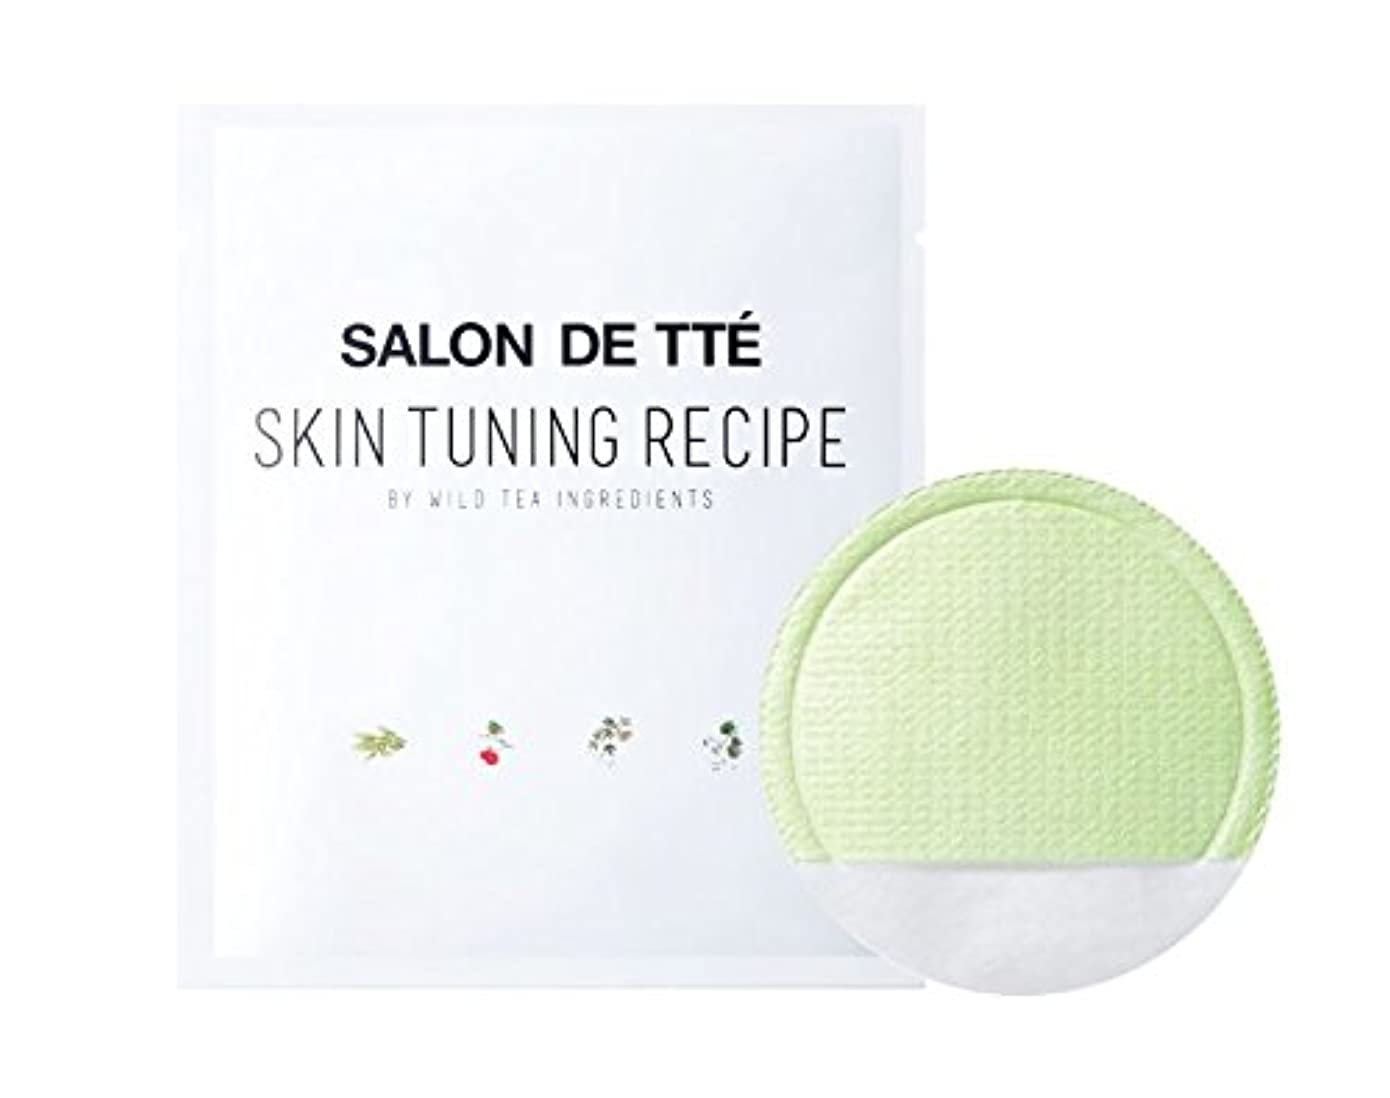 服睡眠眠いですWONDER BATH Salon De Tte 7g × 10ea/ワンダーバス サロン ド テ 7g × 10枚 [並行輸入品]